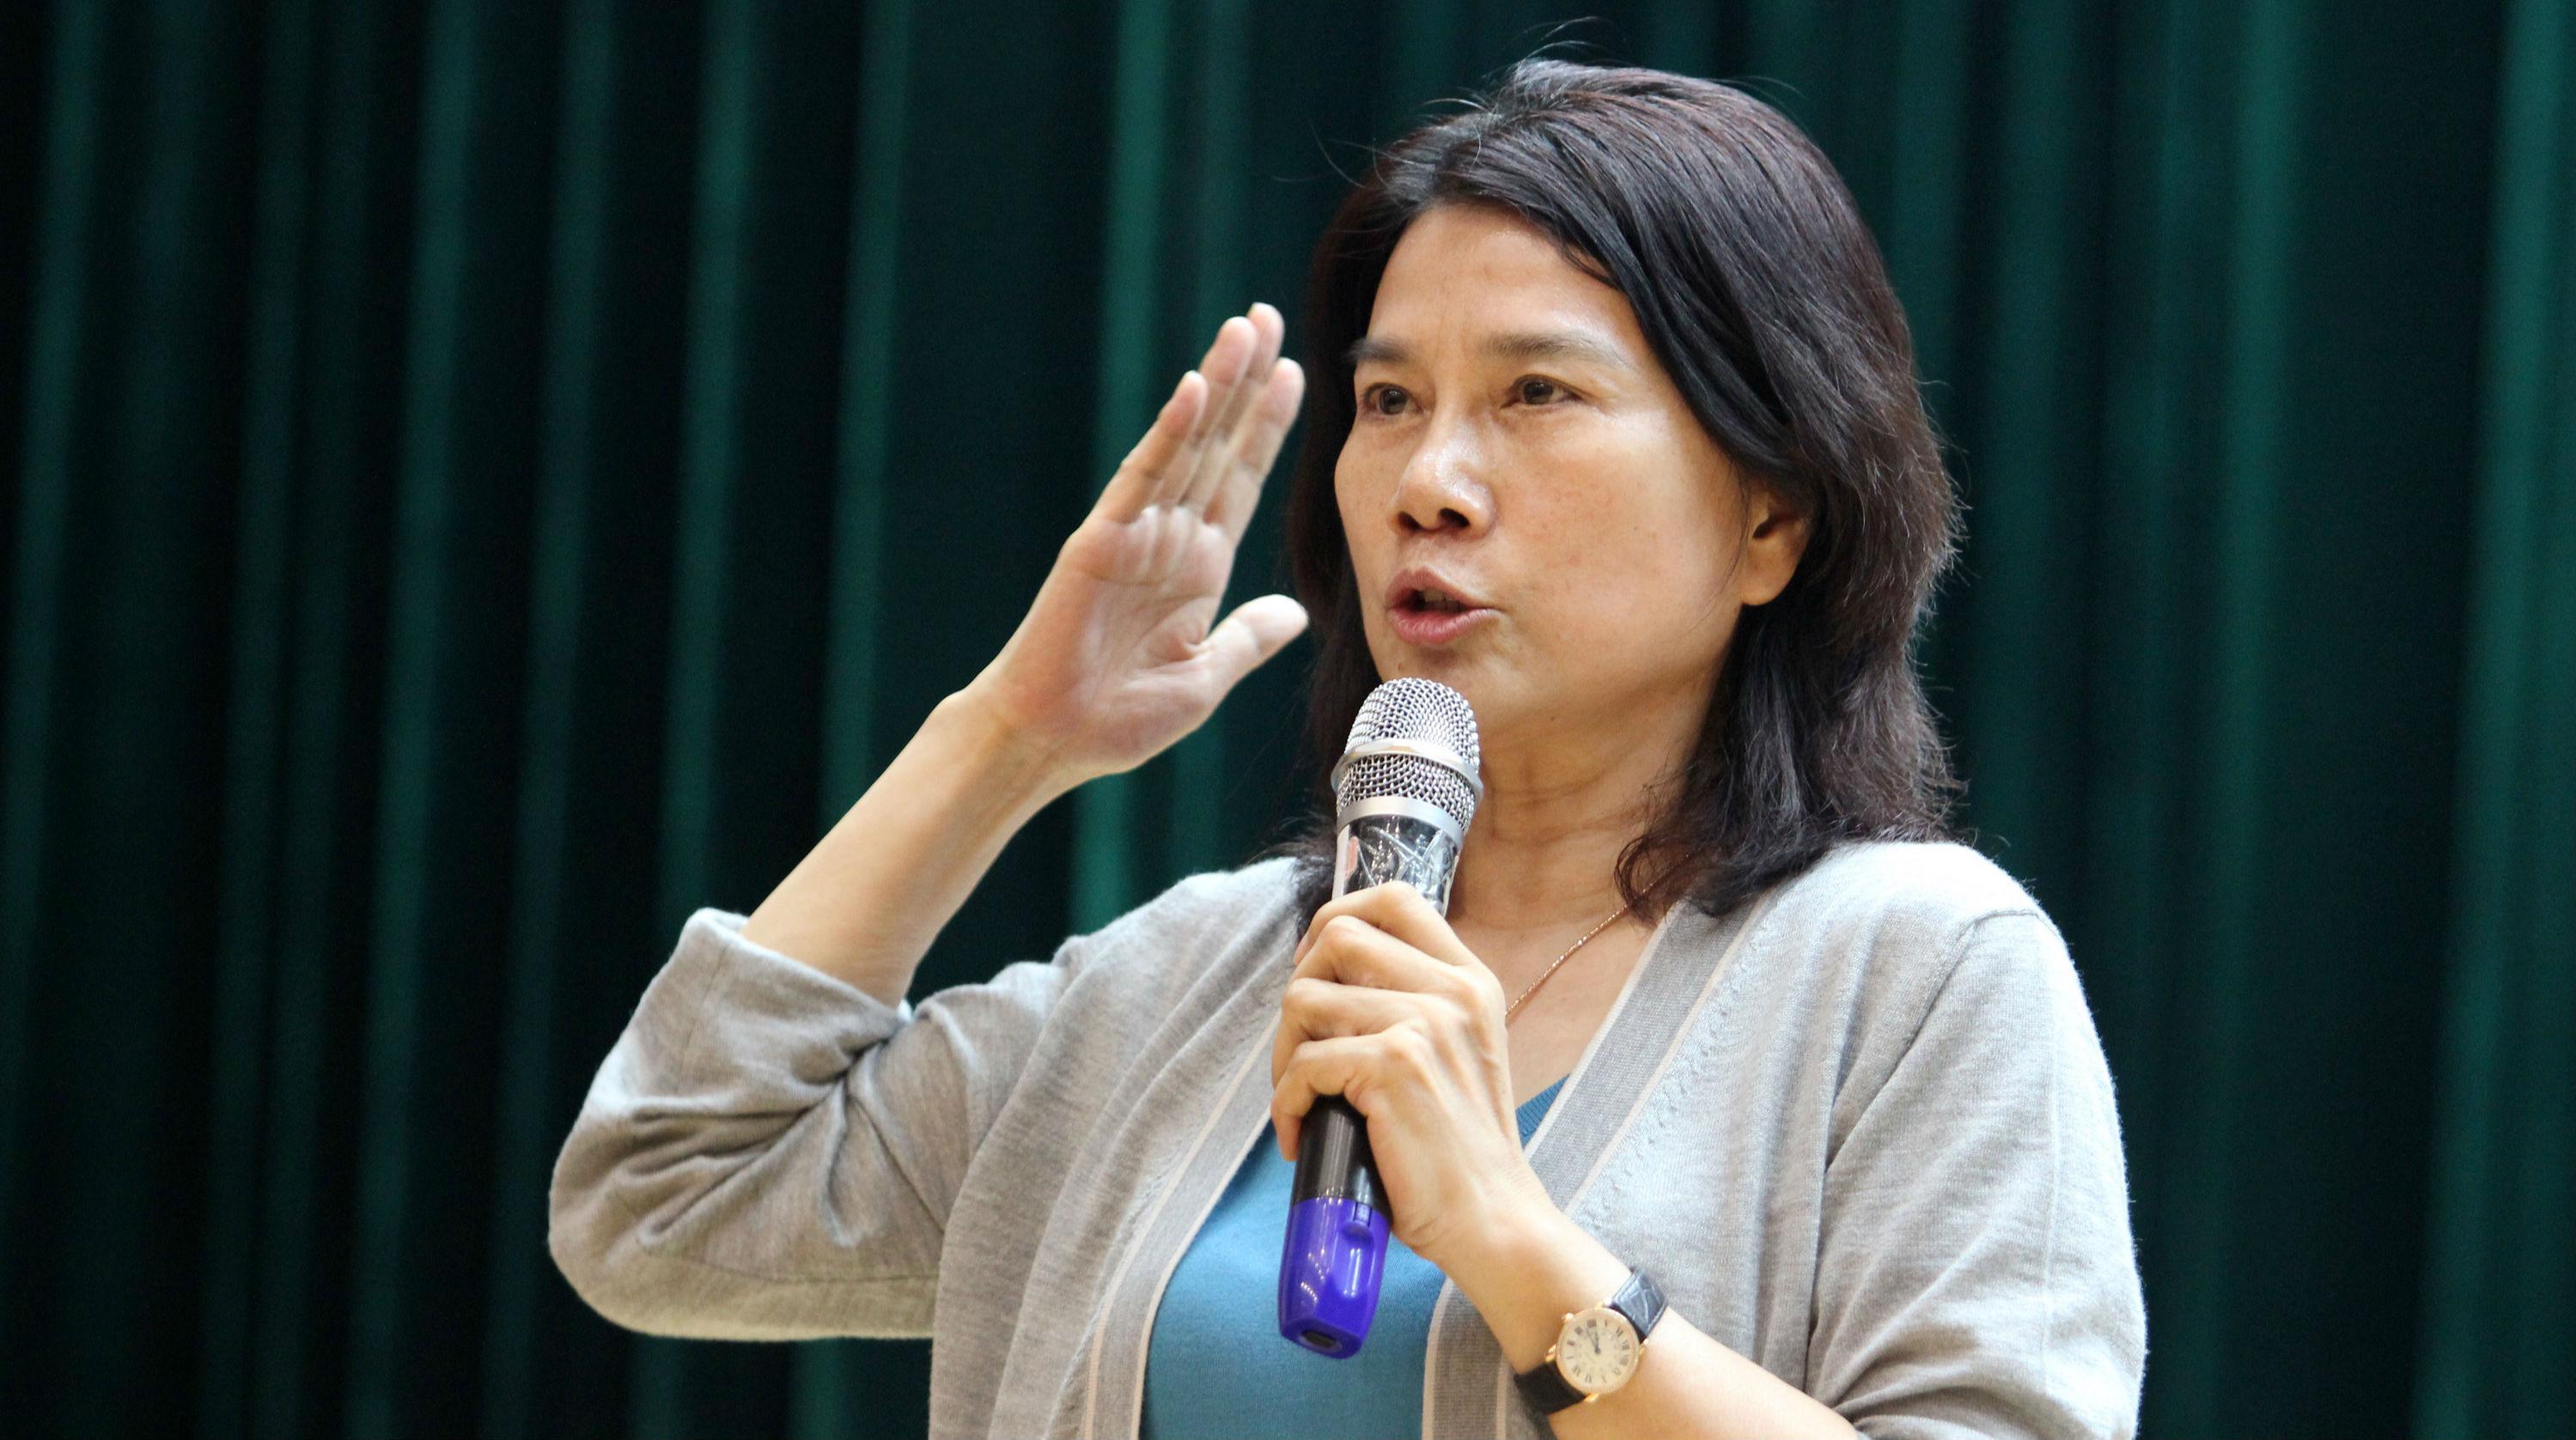 格力芯片公司成立:注册资本10亿 董明珠任董事长